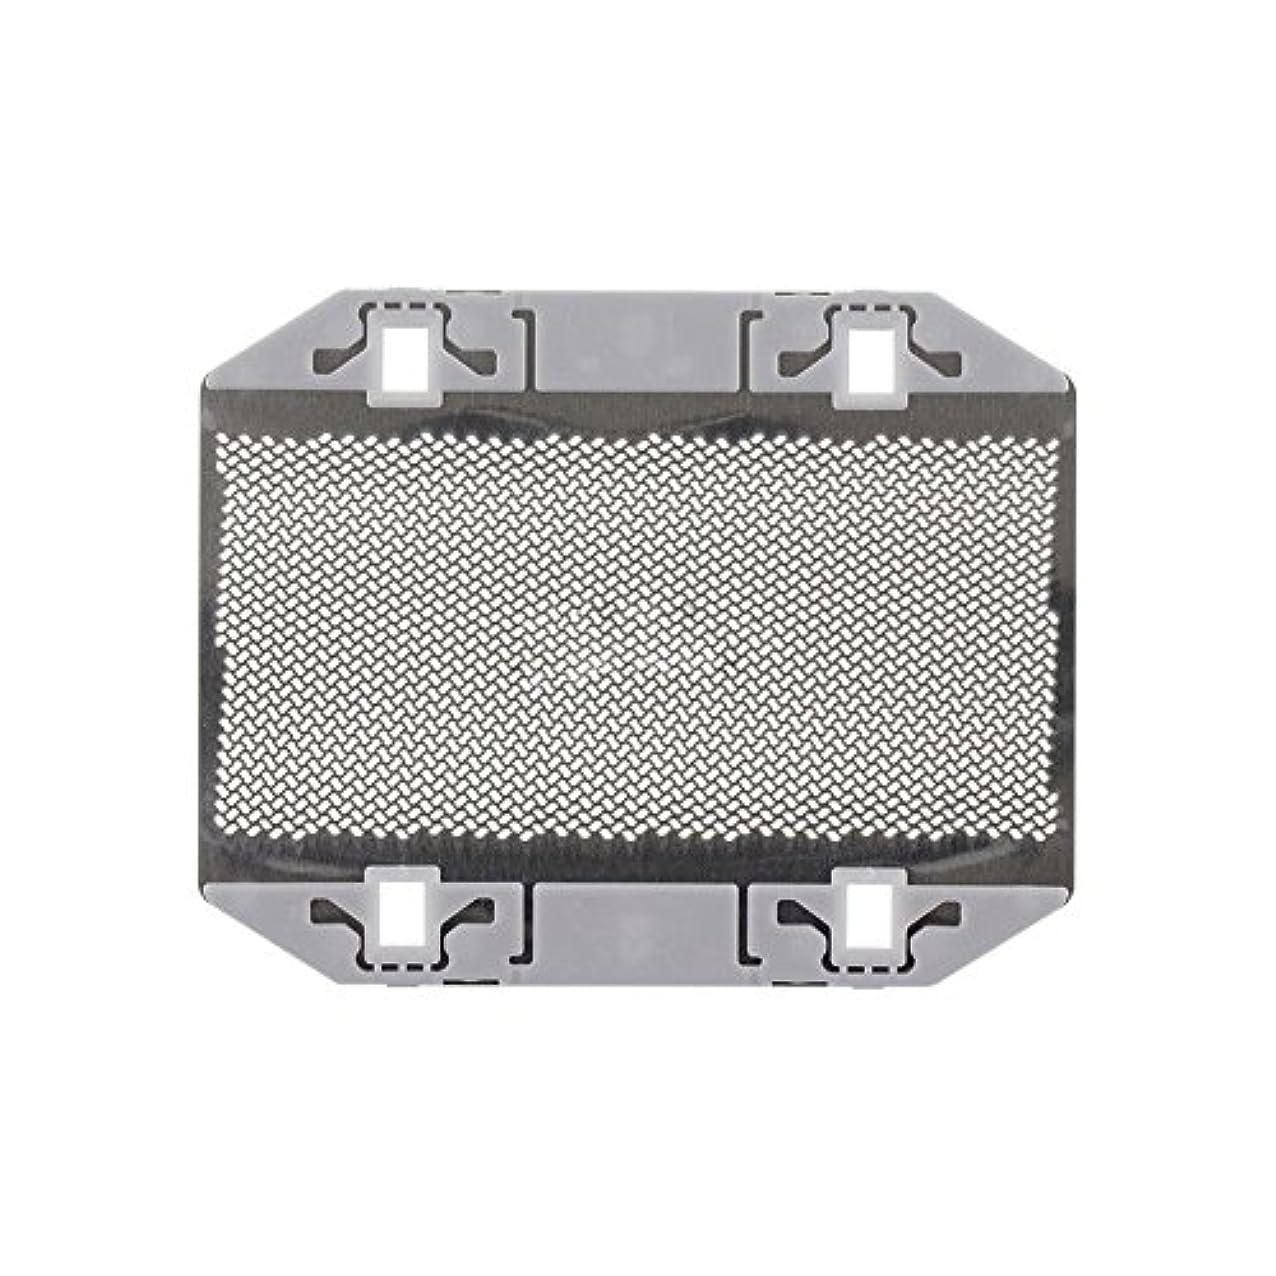 満足させる不条理メアリアンジョーンズHzjundasi シェーバーパーツ 部品 外刃 ロータリー式シェーバー替刃 耐用 高質量 for Panasonic ES9943 ES3042 ES3801 ES3750 ES365 ES366